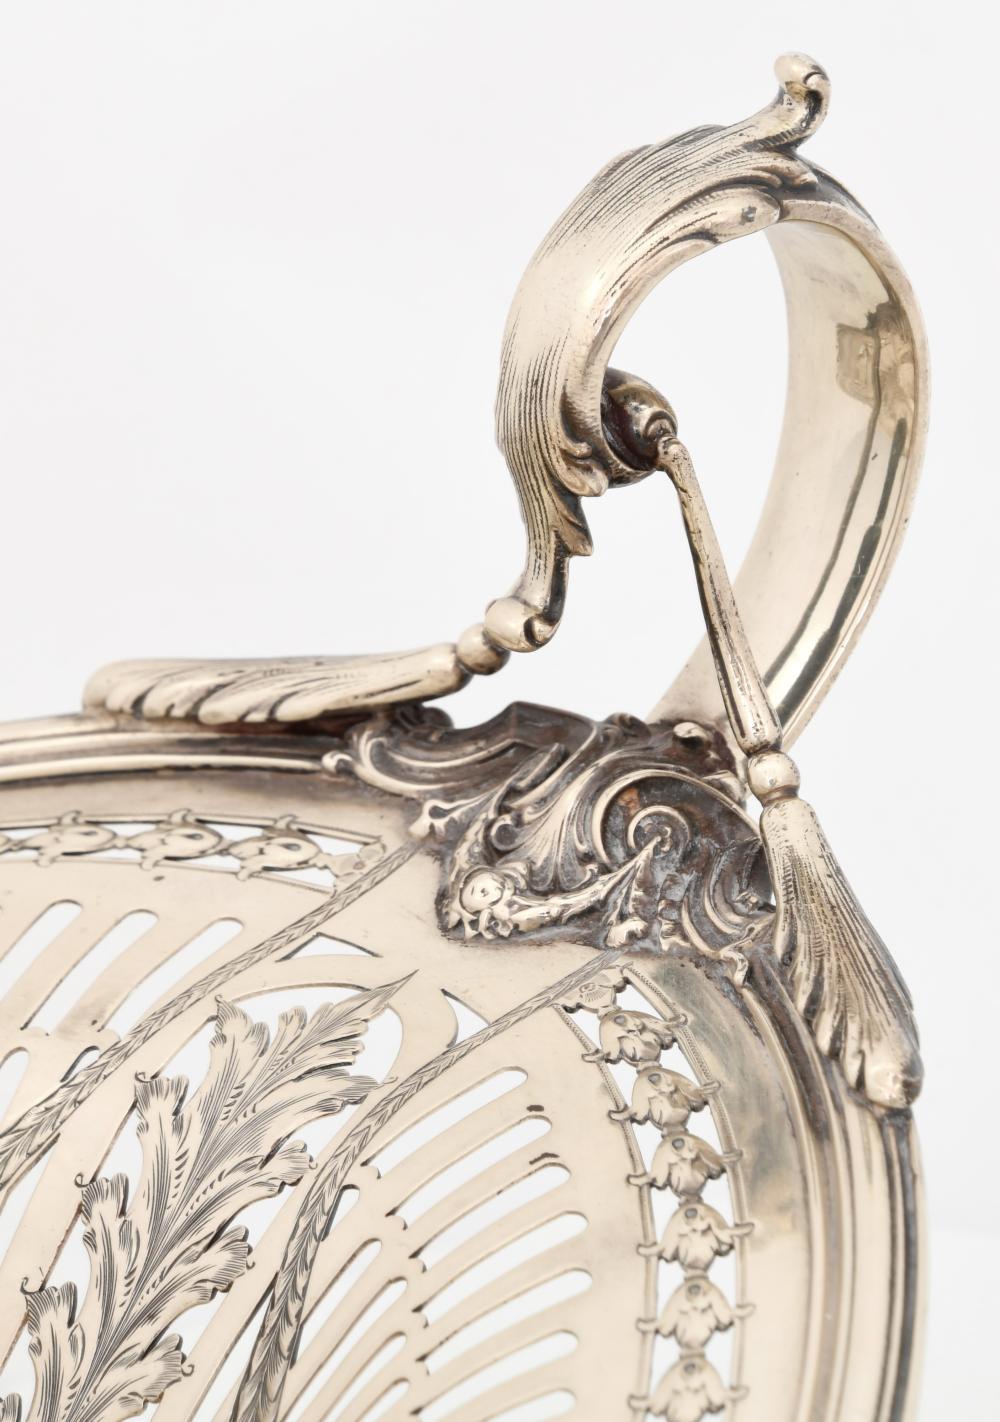 Redlich & Co. Sterling Silver Centerpiece